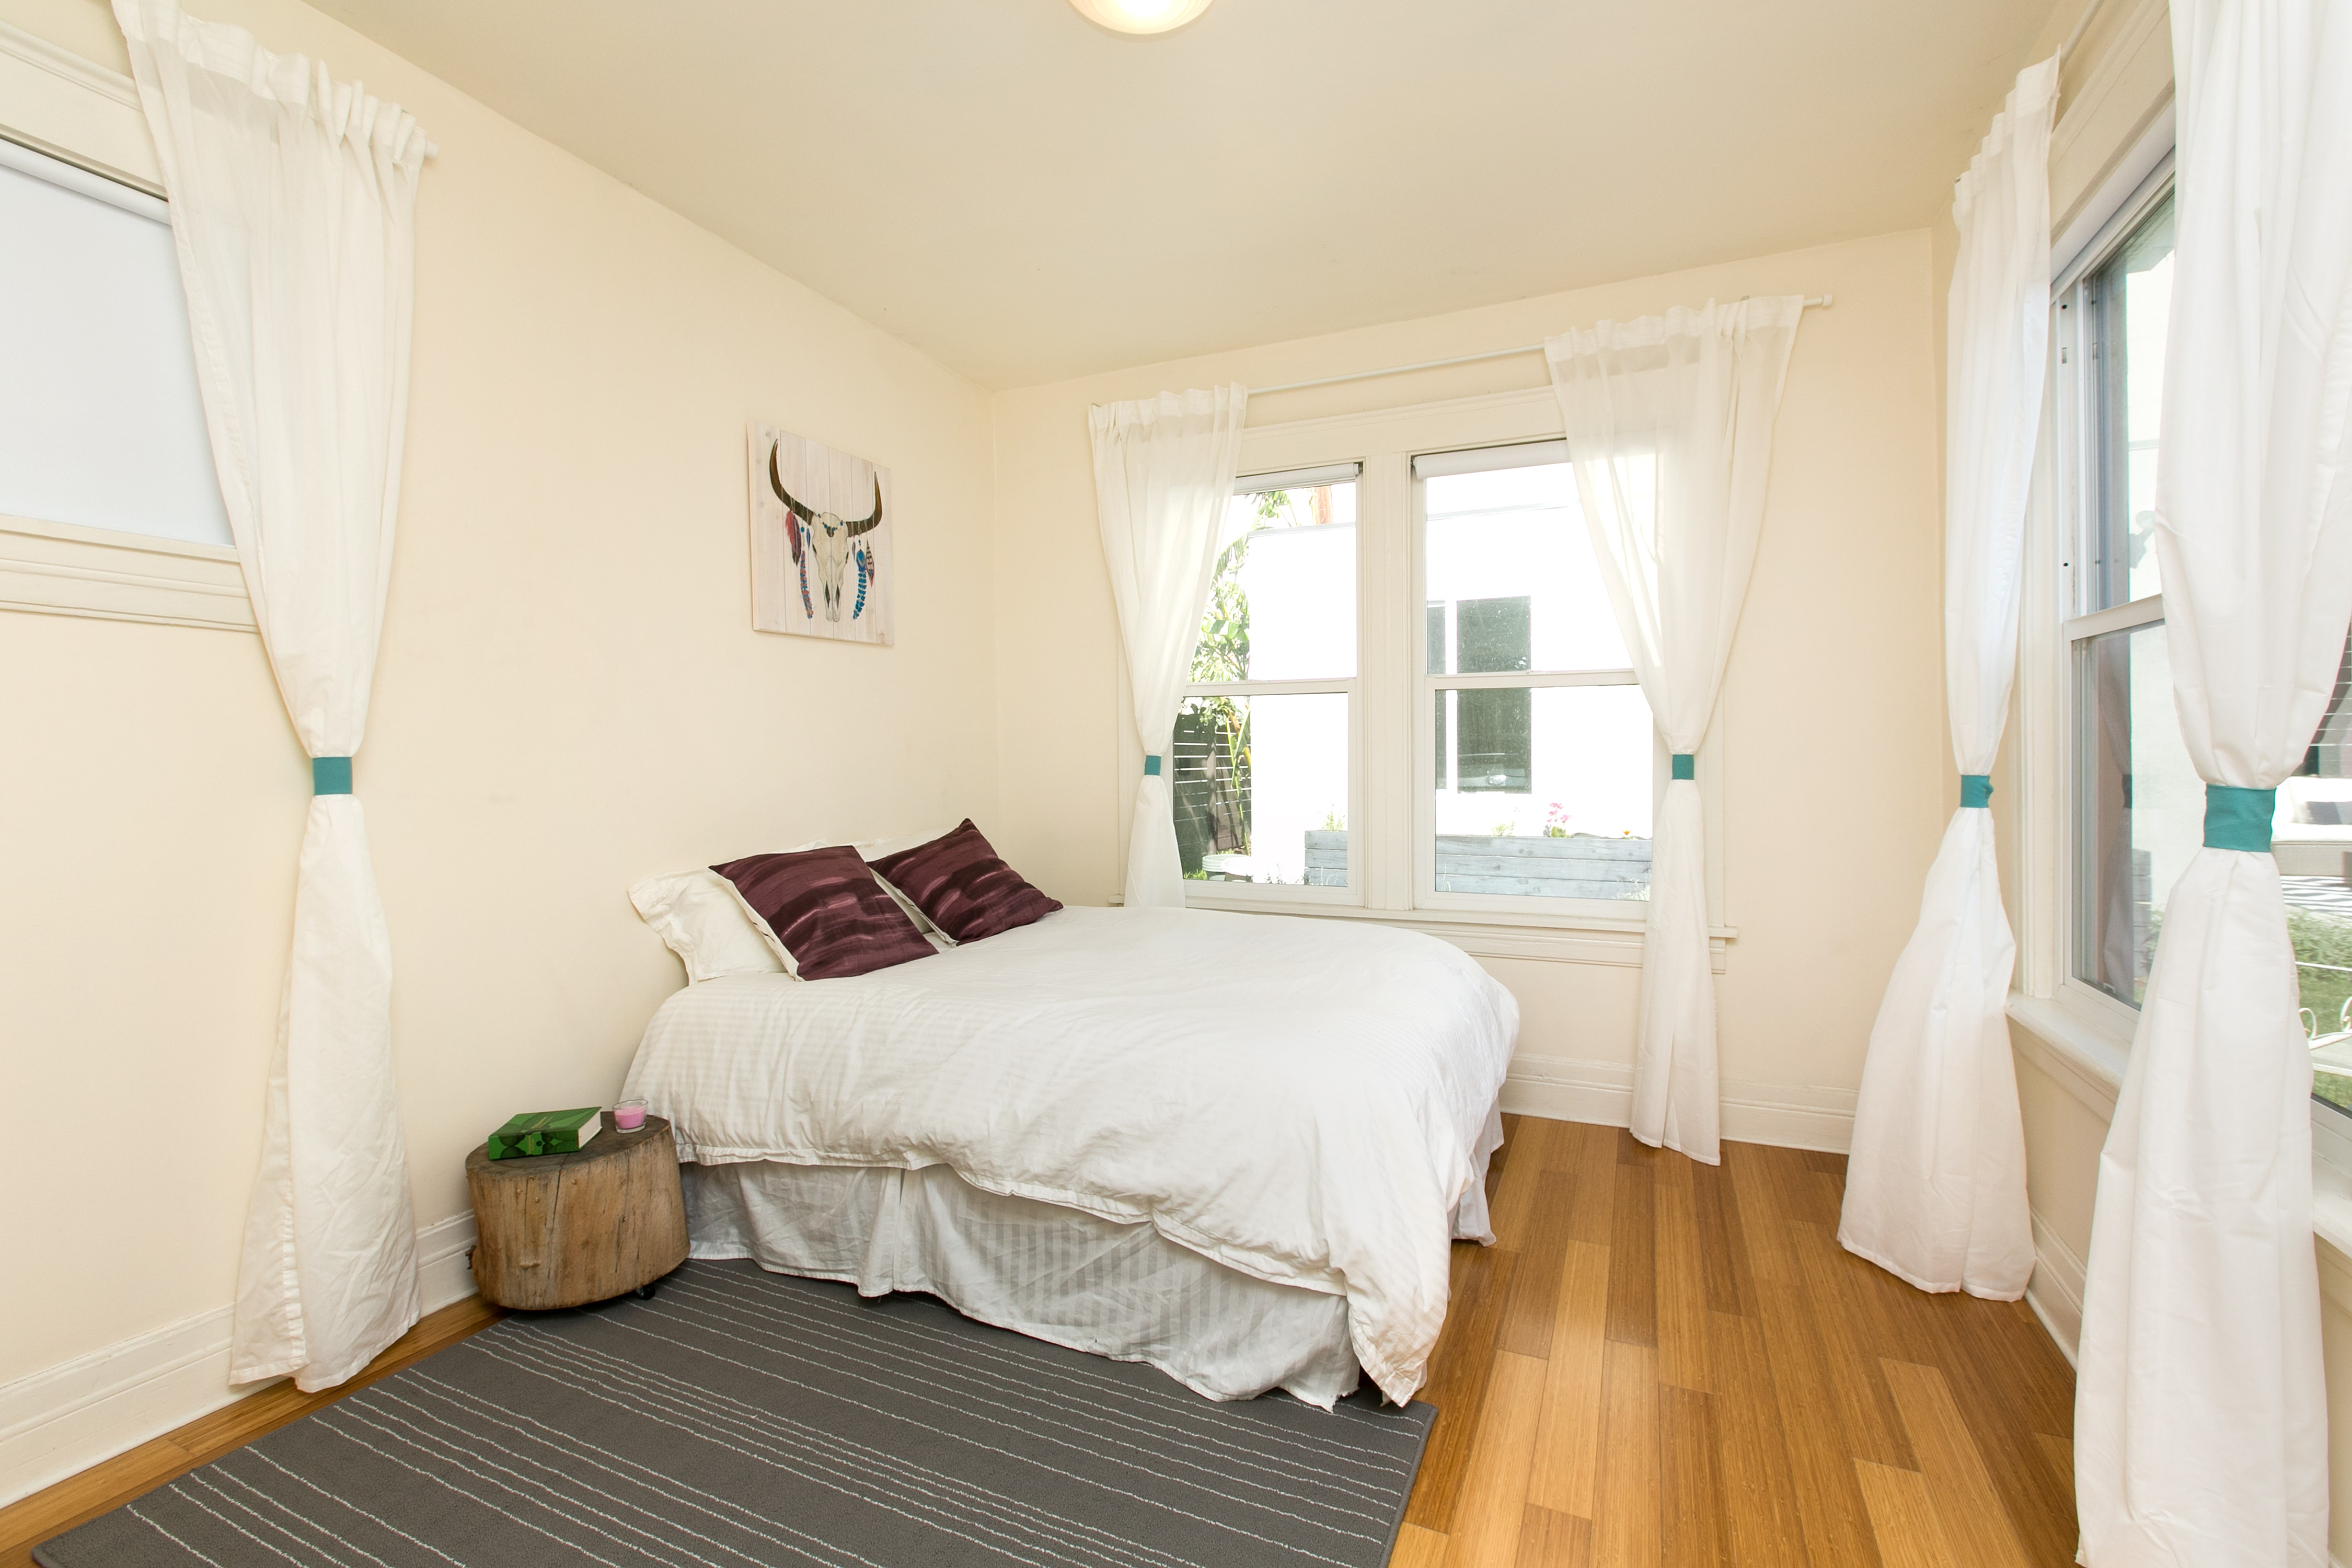 Room For Rents Santa Clarita